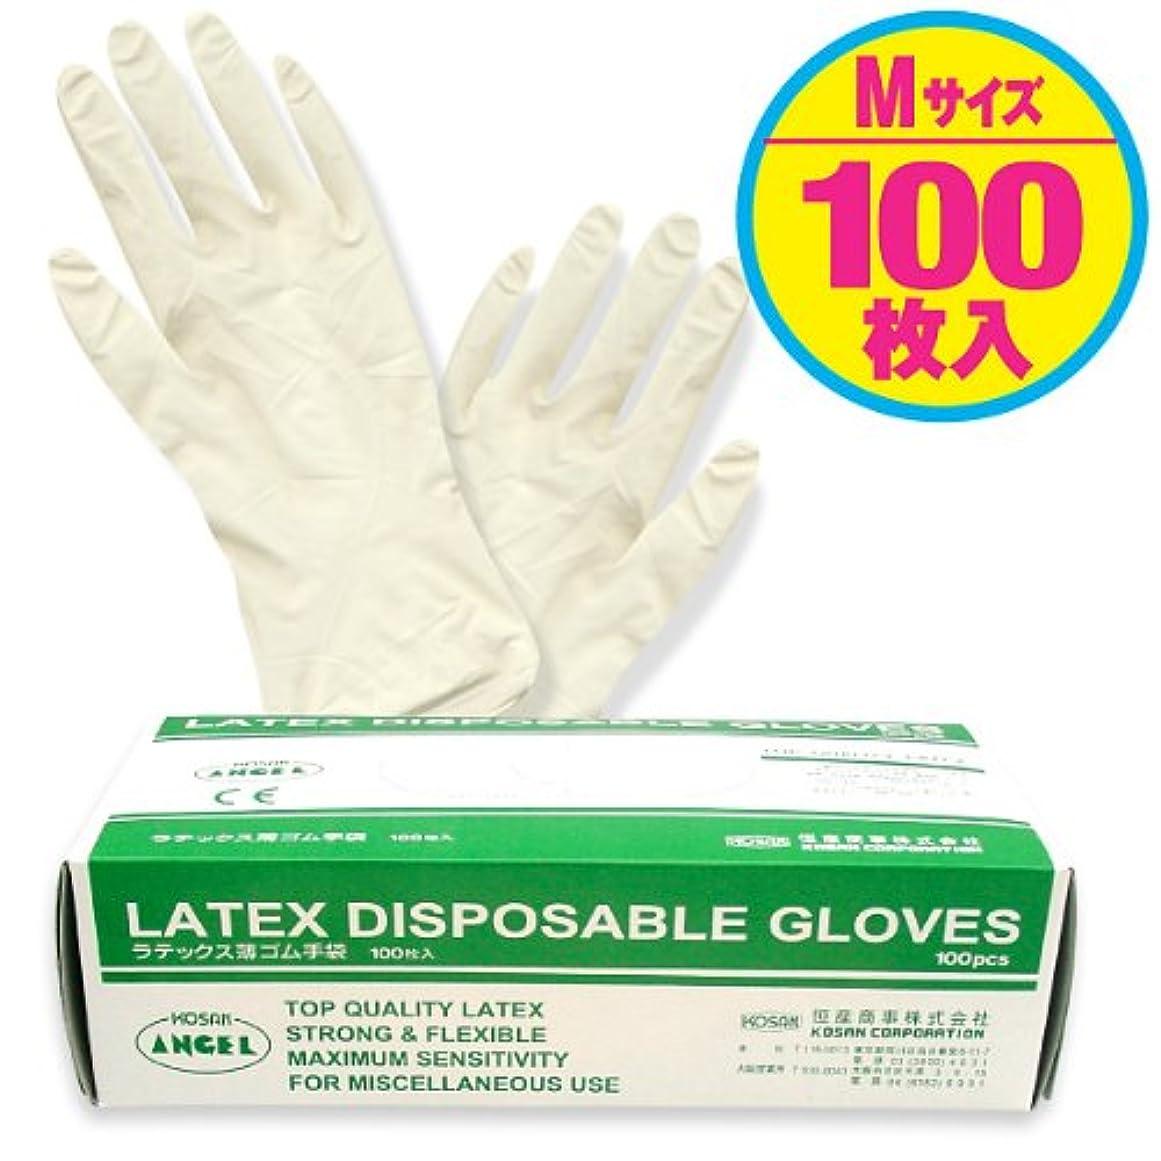 使い捨て【ラテックス手袋/Mサイズ 】 高伸縮性?天然ゴム手袋/パウダーイン 《高品質?医療機関でも使用》